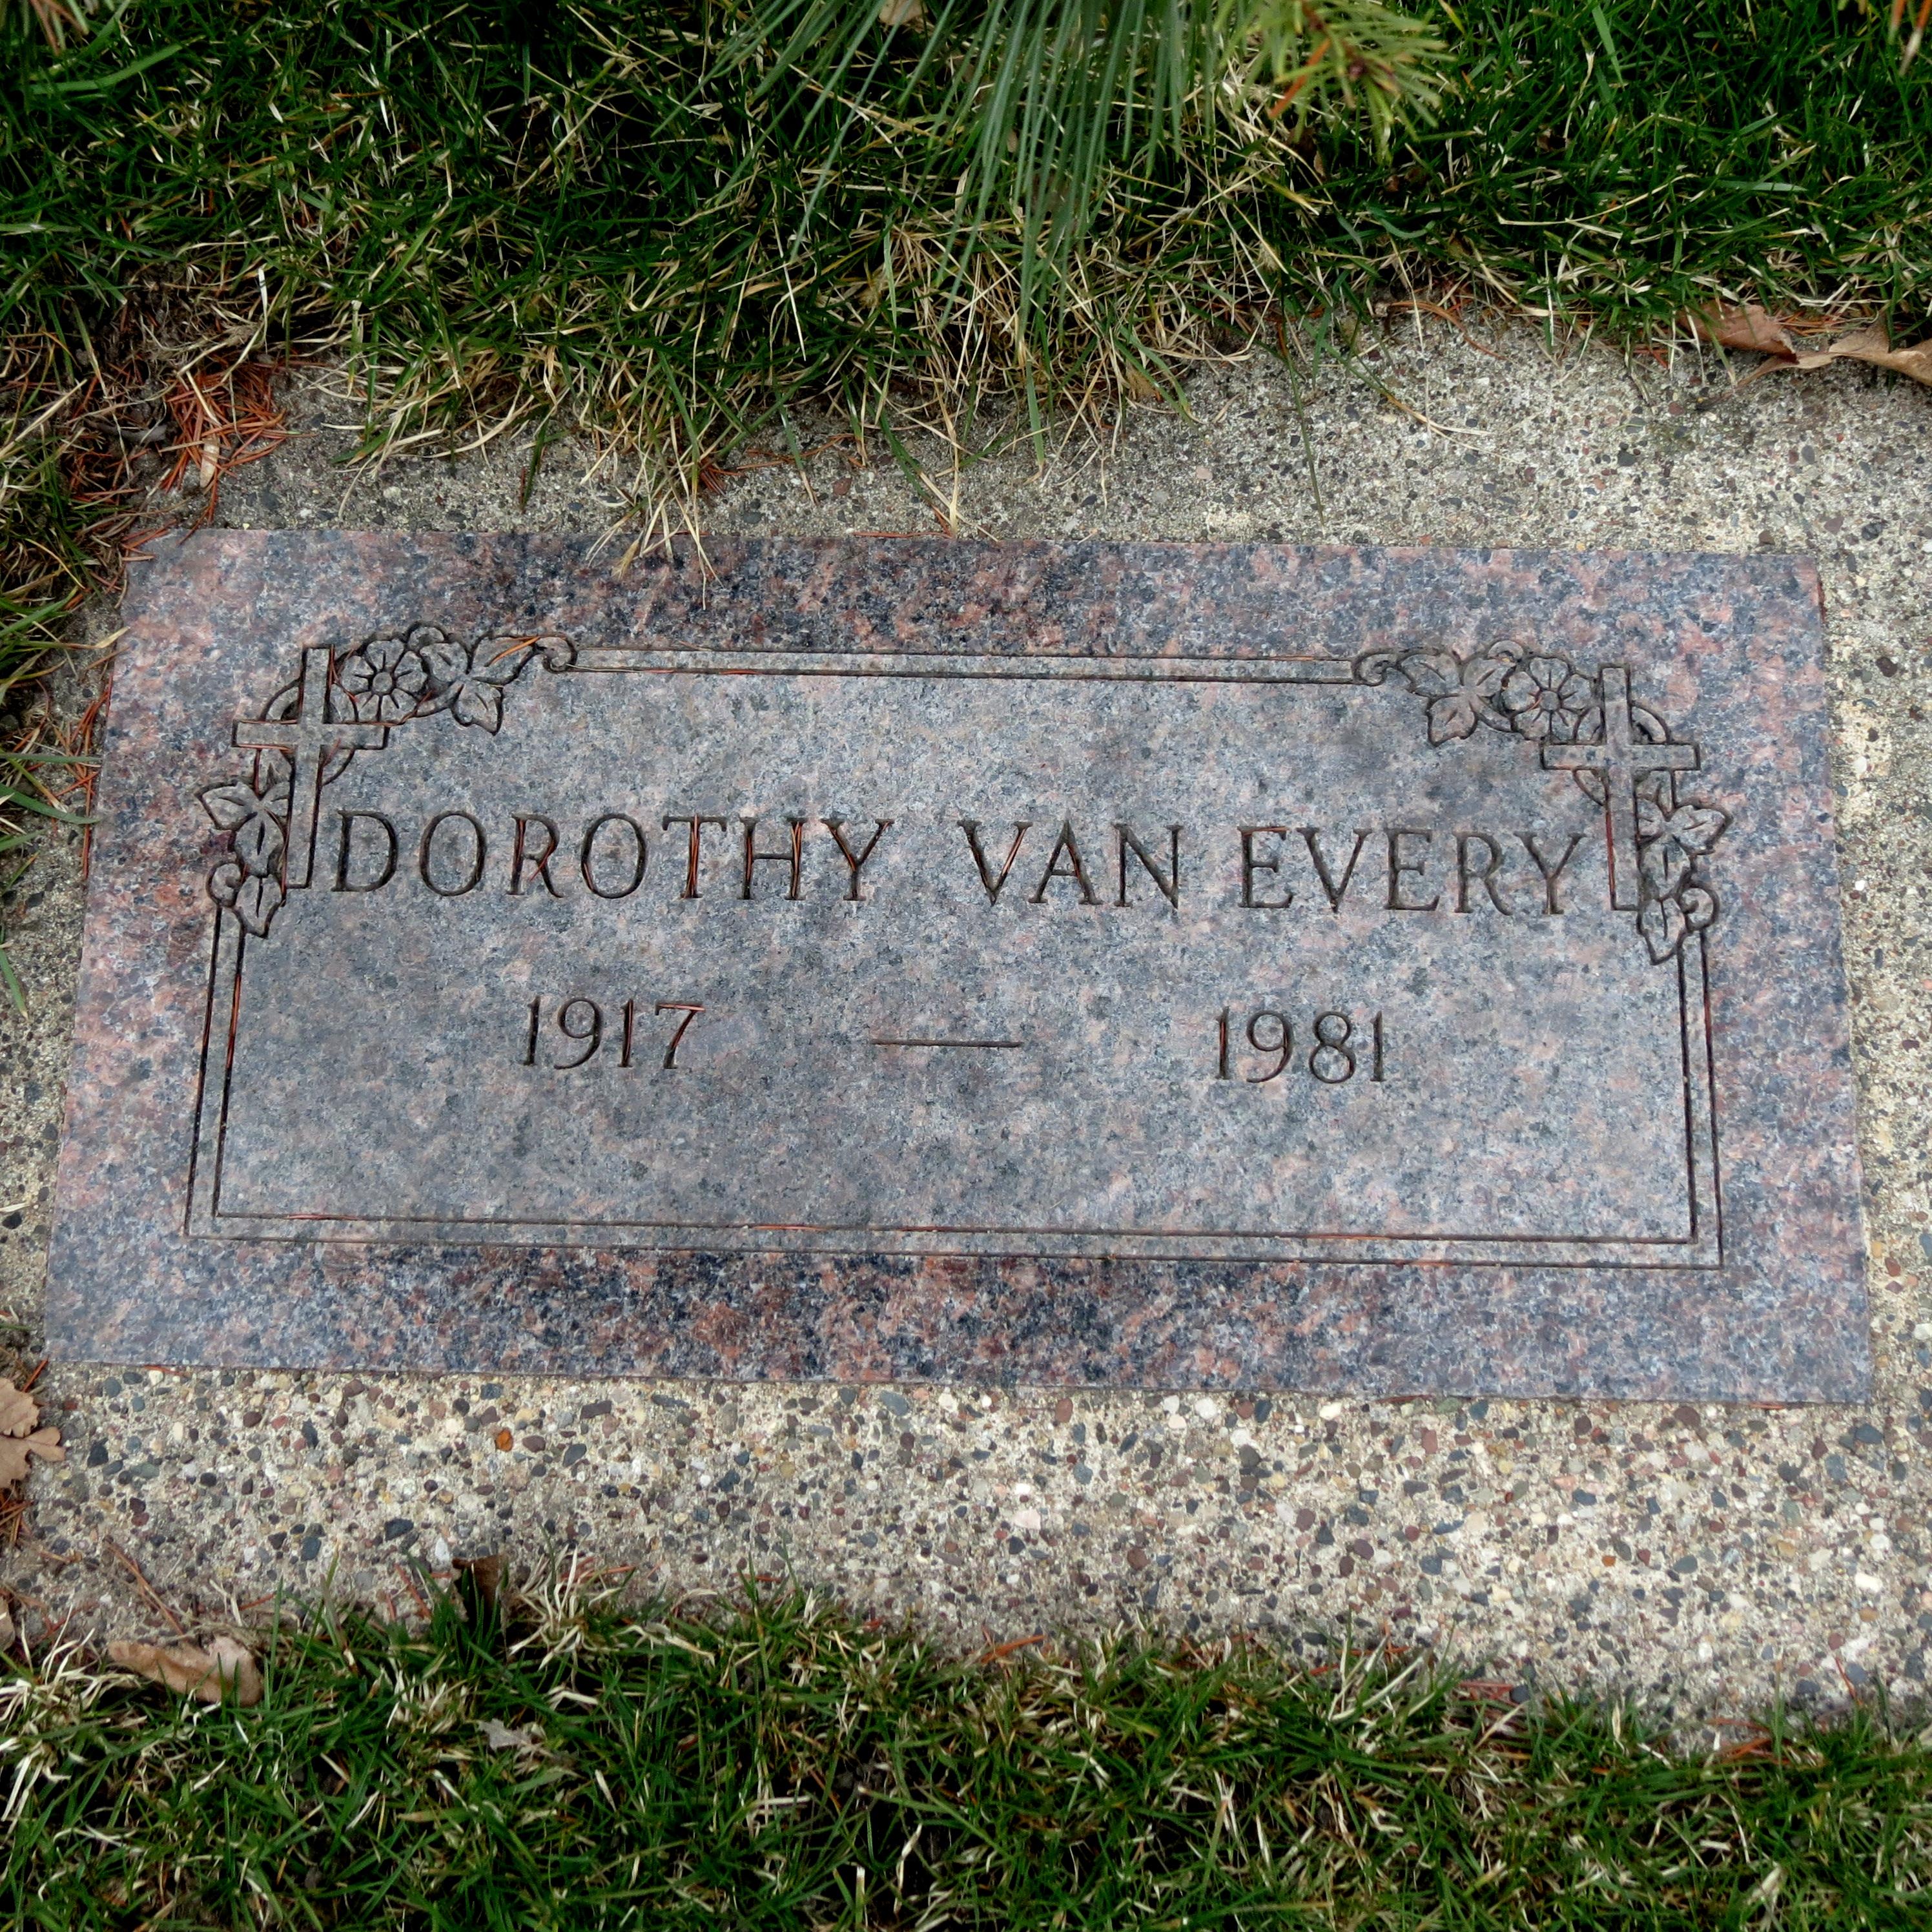 Dorothy Van Every